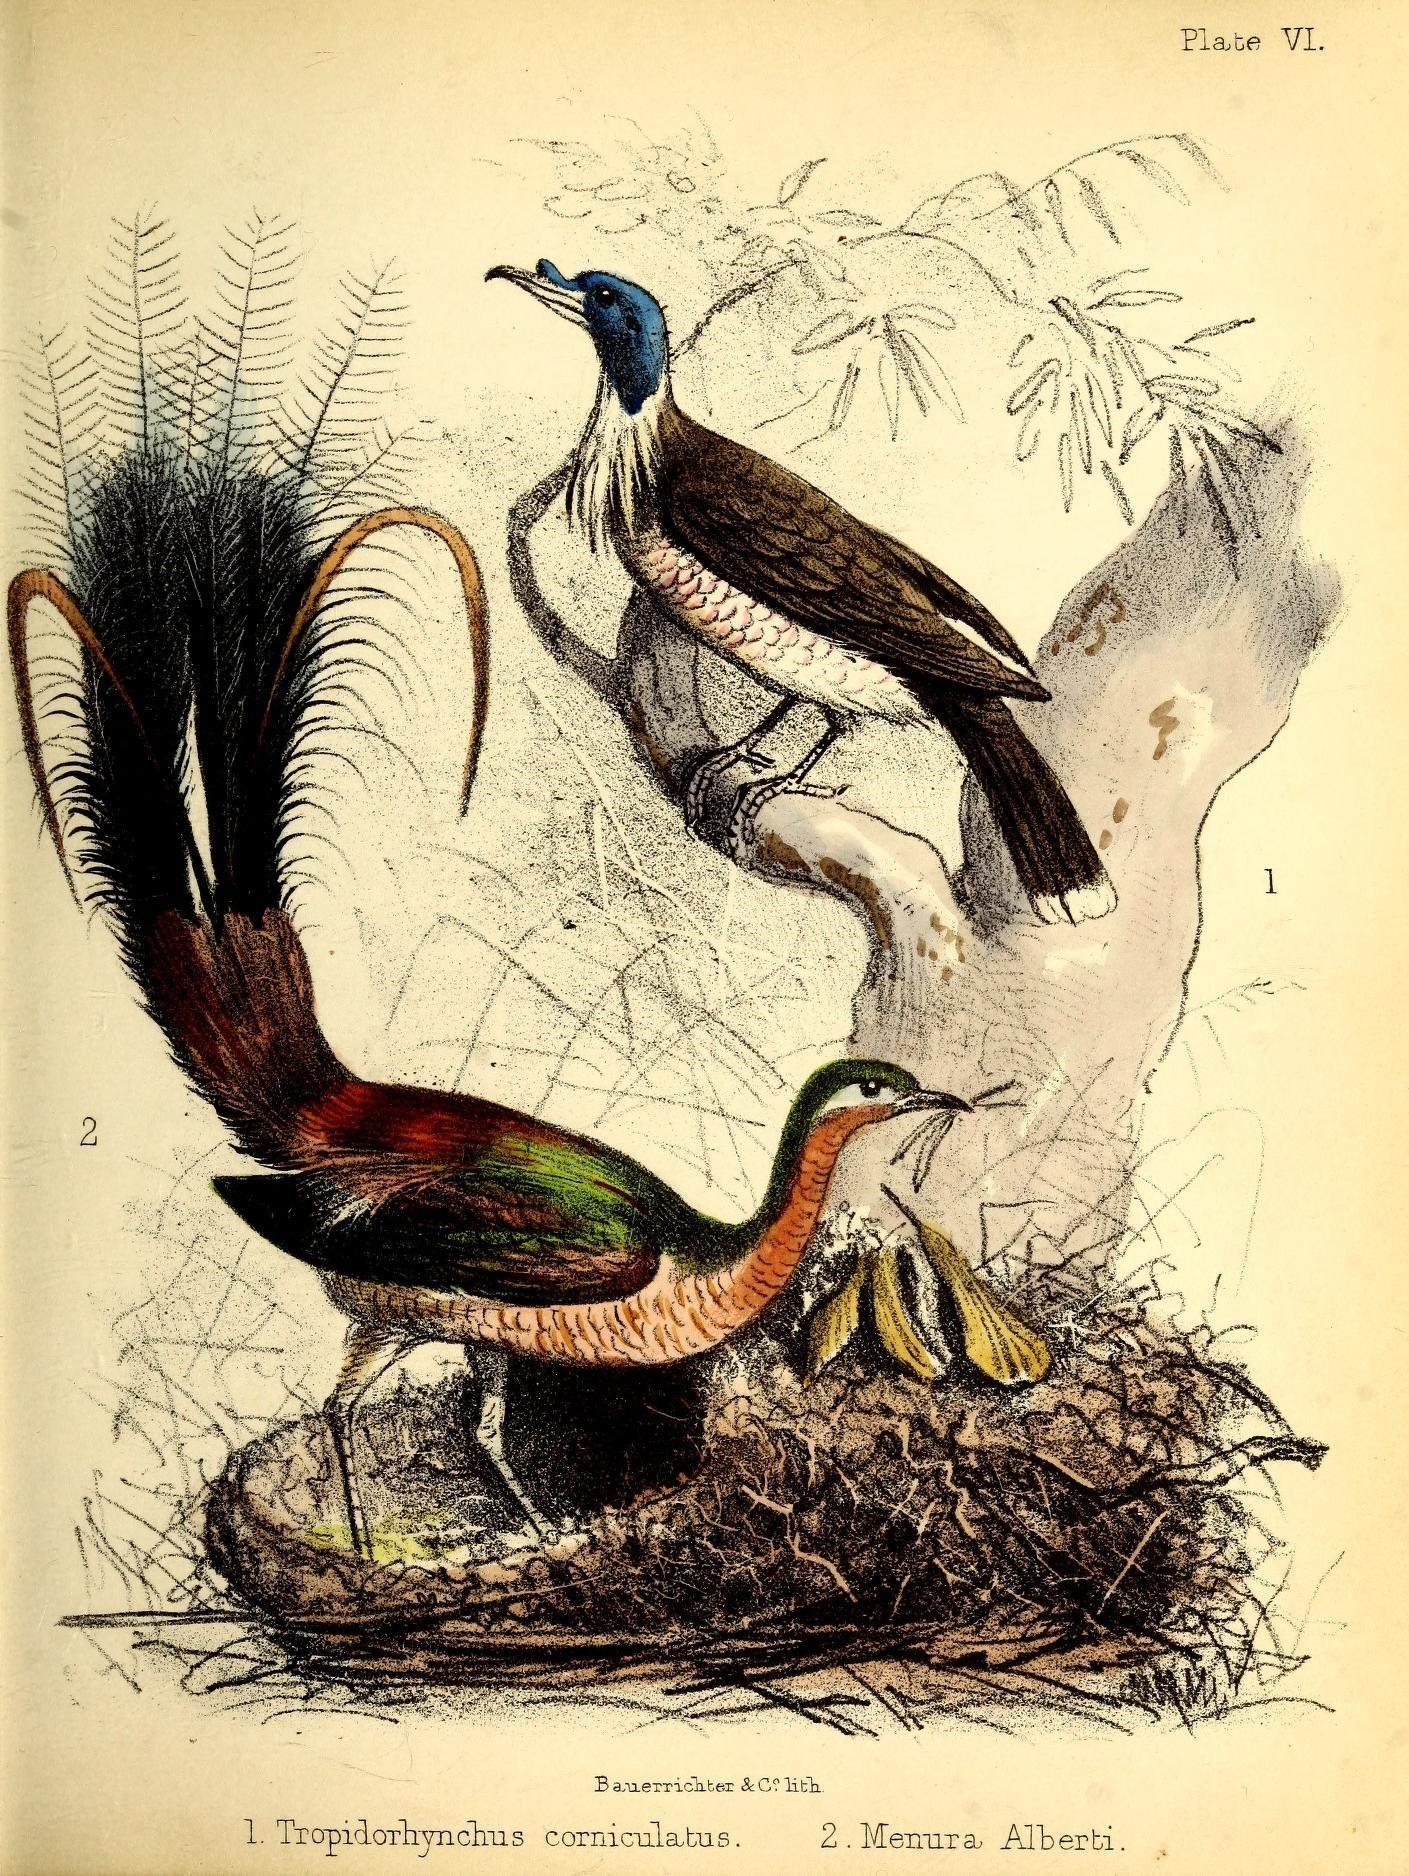 Image of Albert's lyrebird